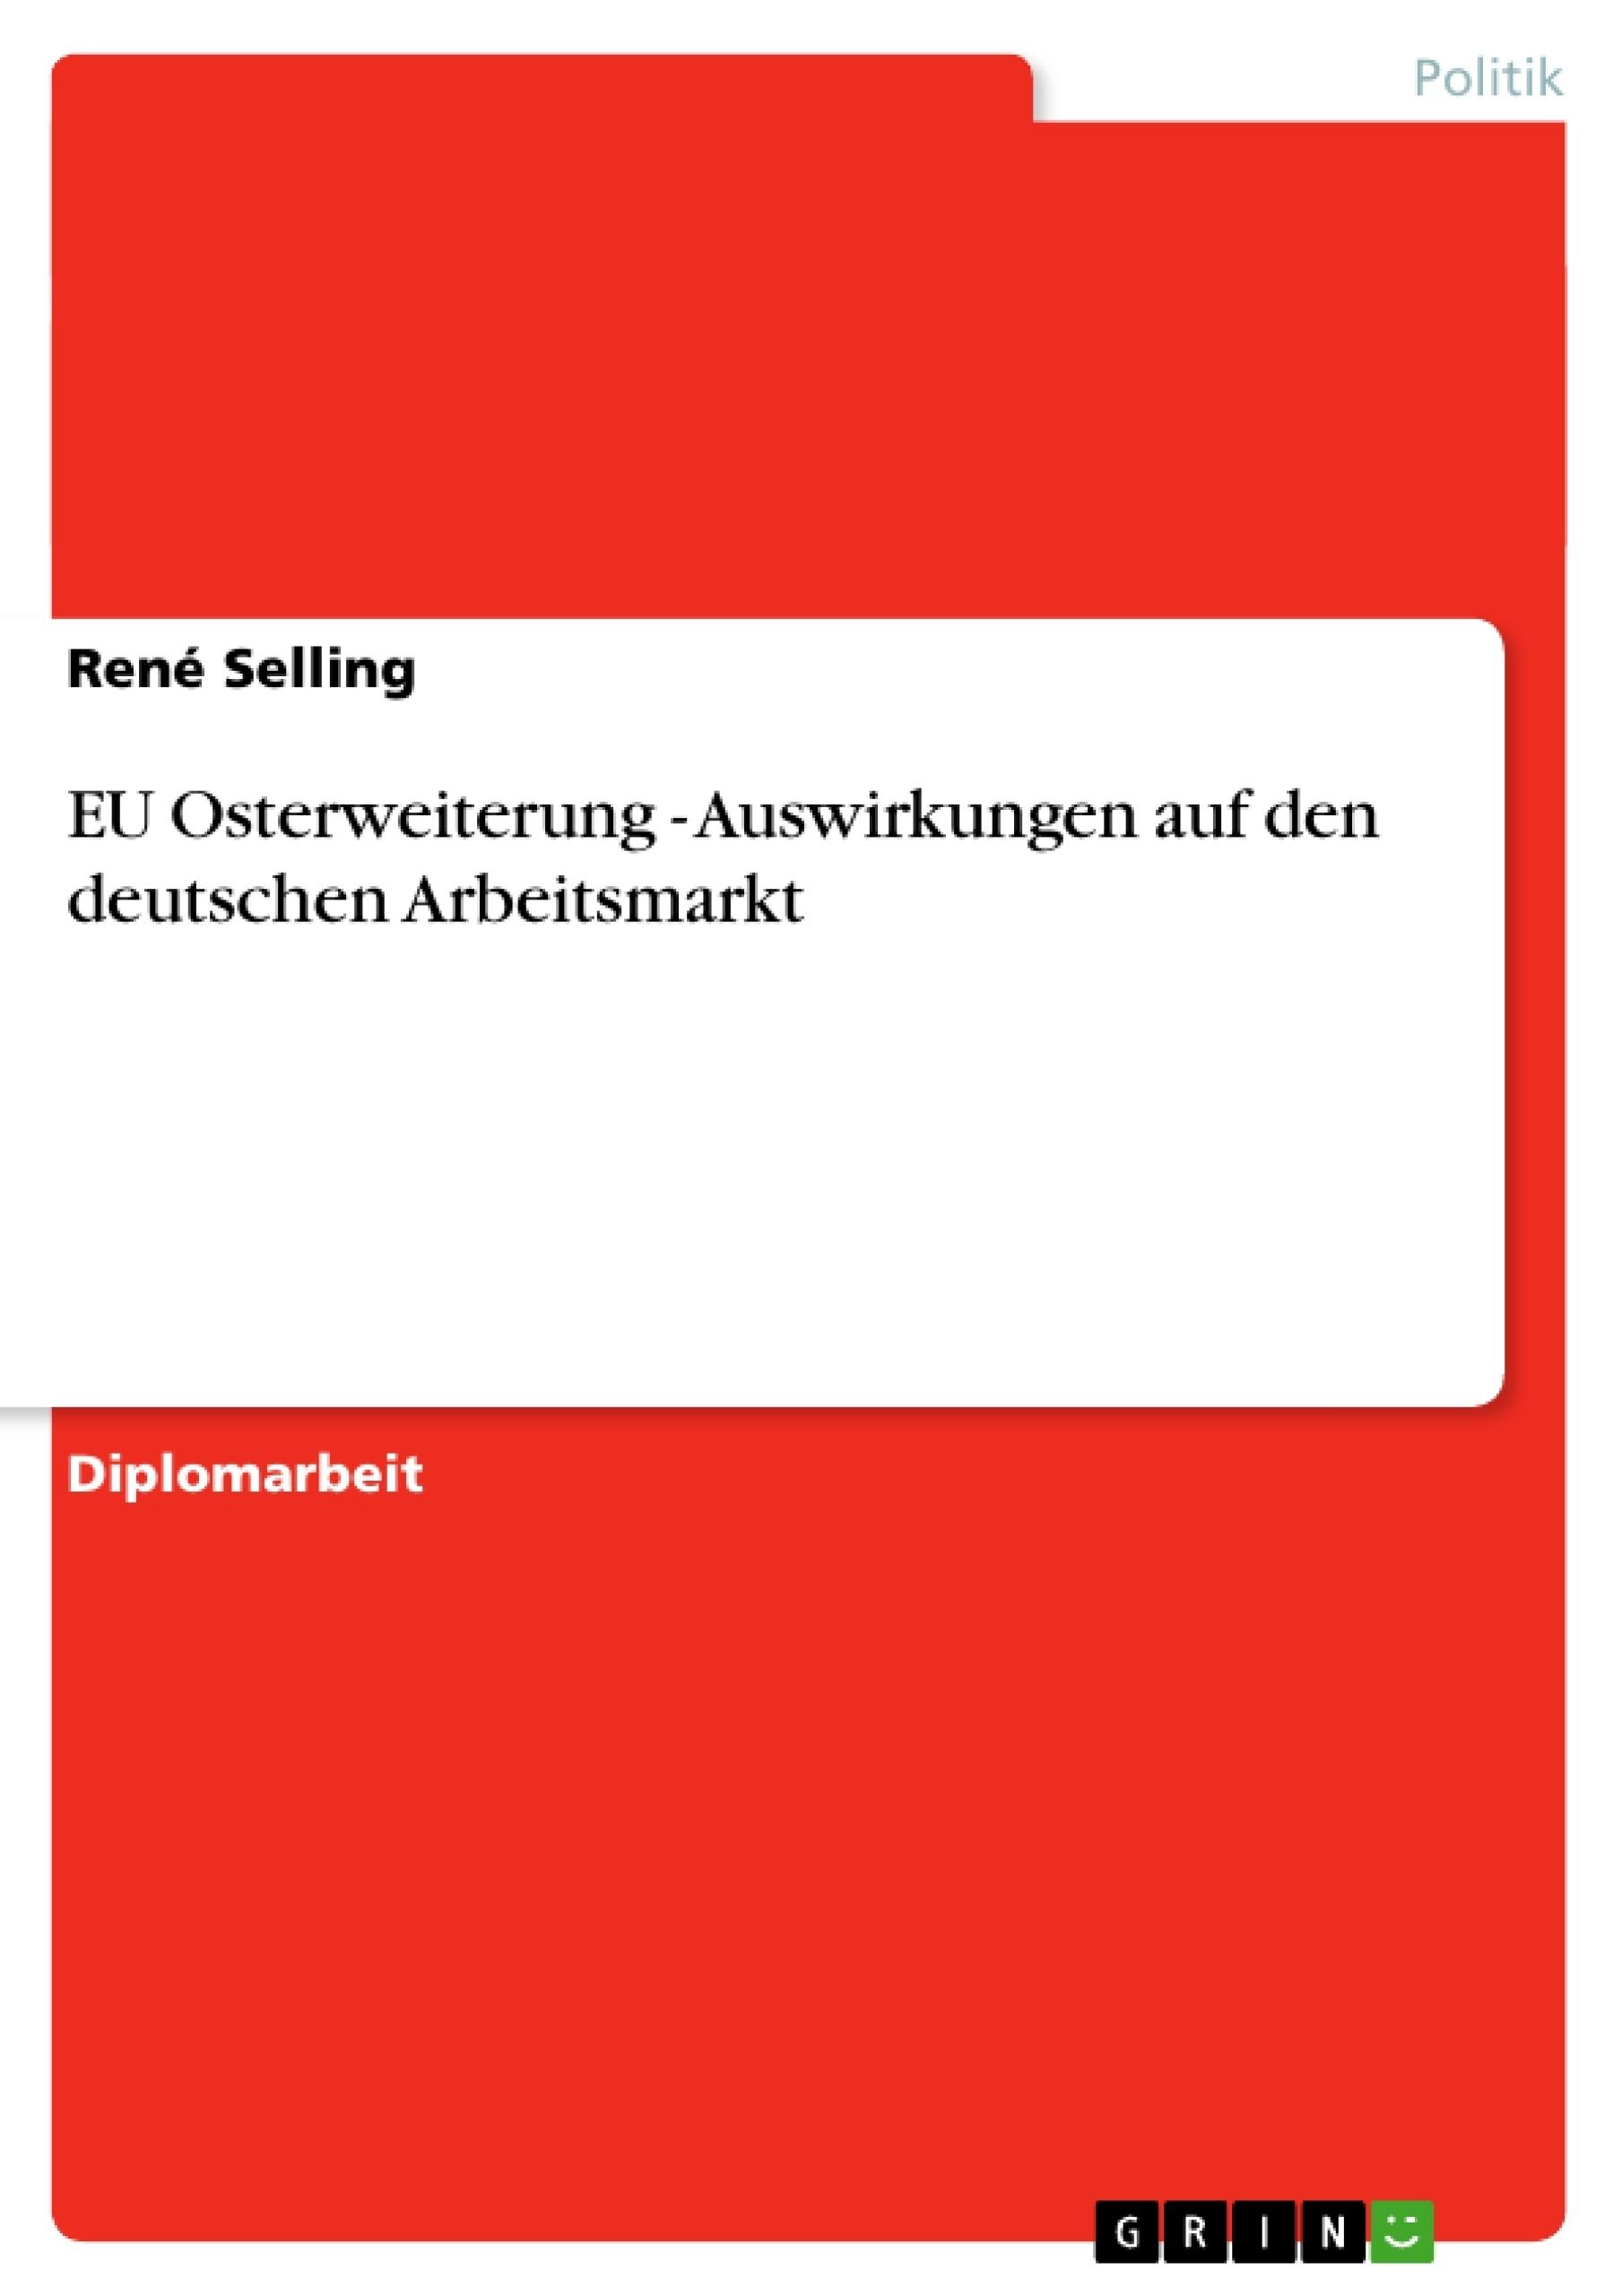 Titel: EU Osterweiterung - Auswirkungen auf den deutschen Arbeitsmarkt